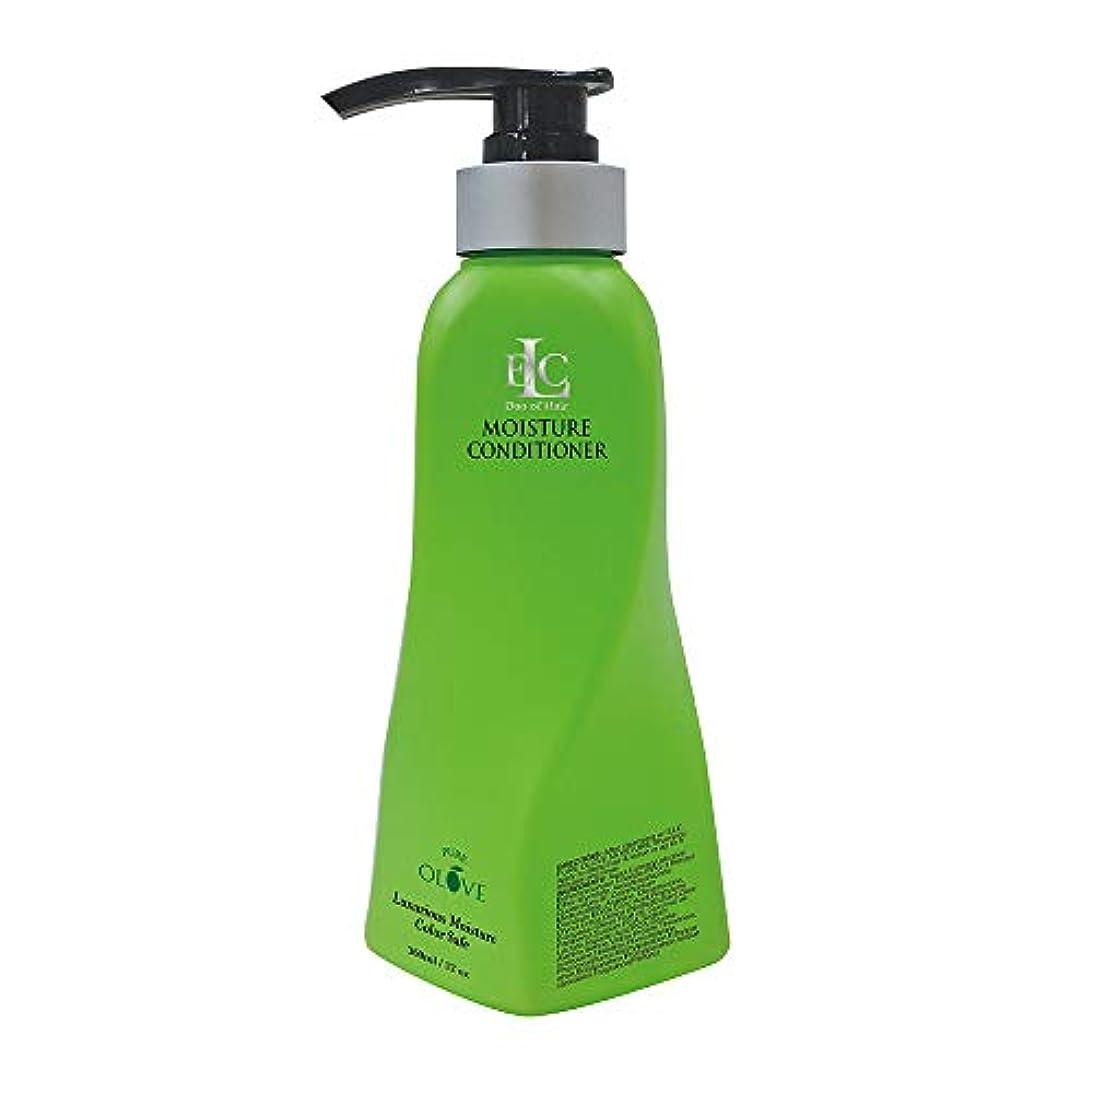 シンプトンポルノ議題ELC Dao of Hair ELCピュアOloveモイスチャライジングコンディショナー - モイスチャーリッチナチュラルボタニカル&有機油は、栄養を与え、修理、強化、ドライ髪を再水和 12オンス